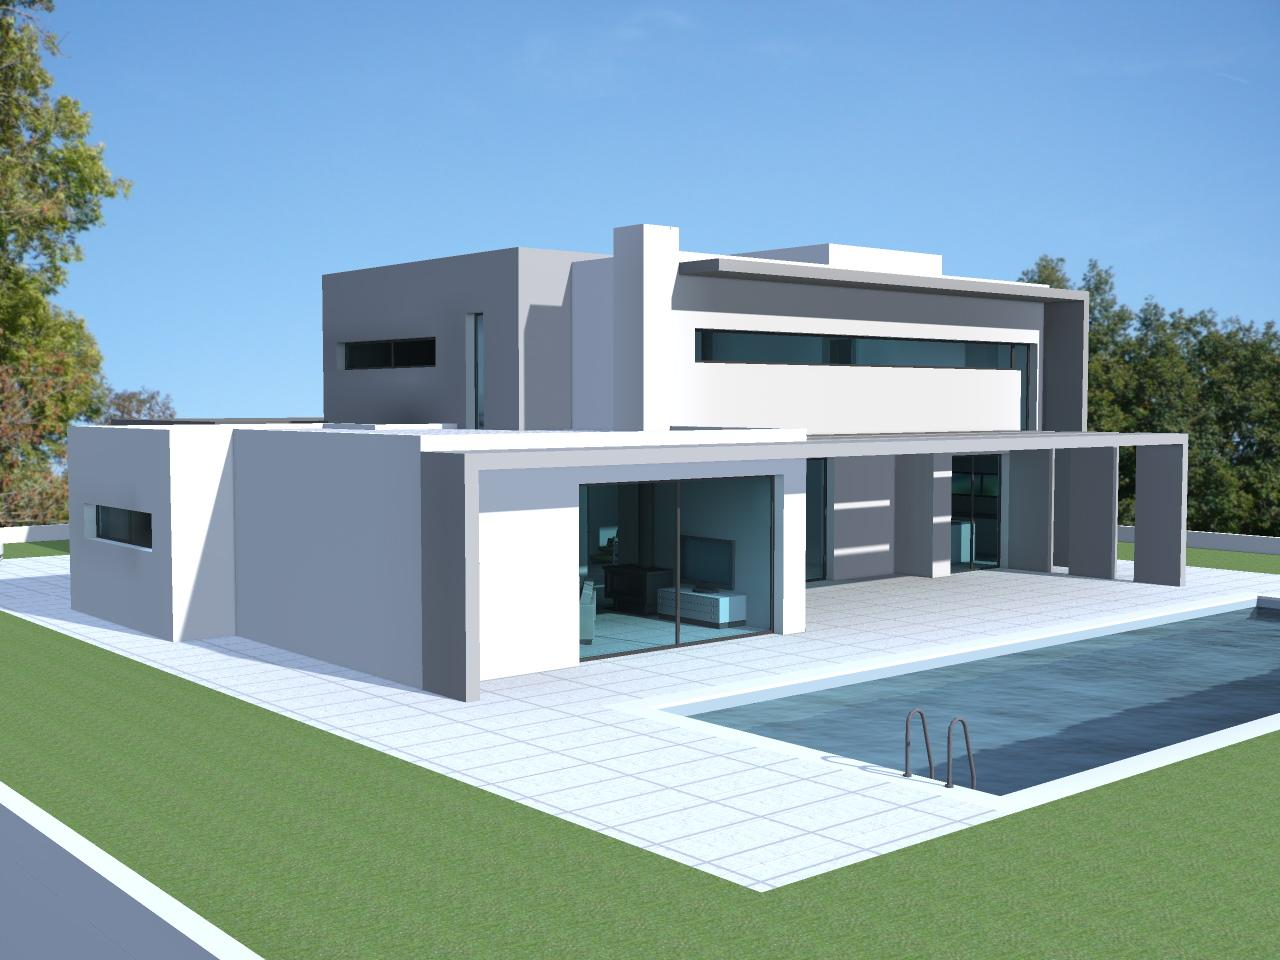 Populaire Prix d une maison contemporaine toit plat - Mc immo WO23